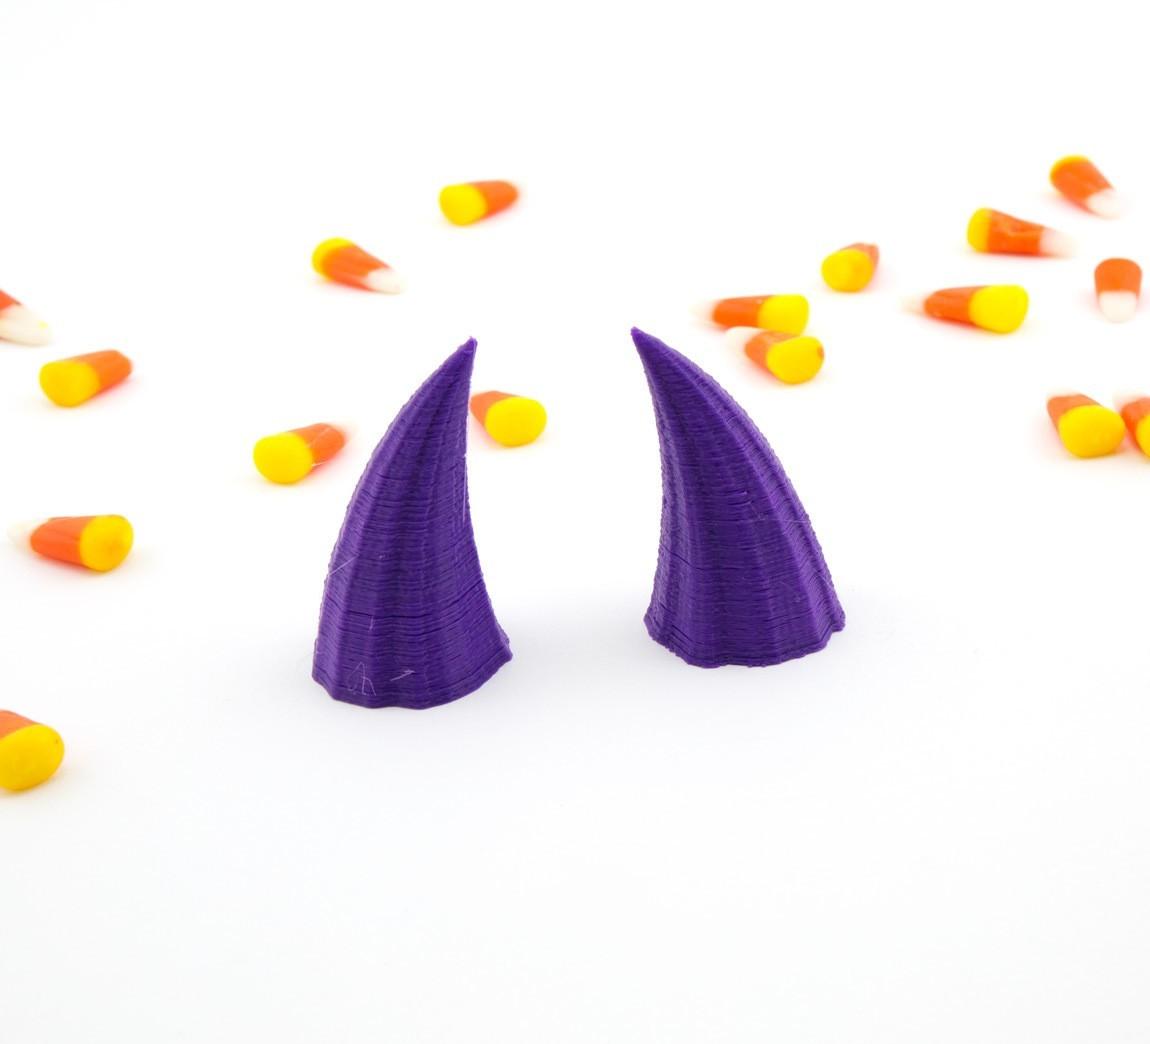 dfddc7458b3bfd7e08034c888a0ce130_1445642369001_NMD000620b.jpg Download free STL file Pumpkin Devil • 3D printing template, Hom3d